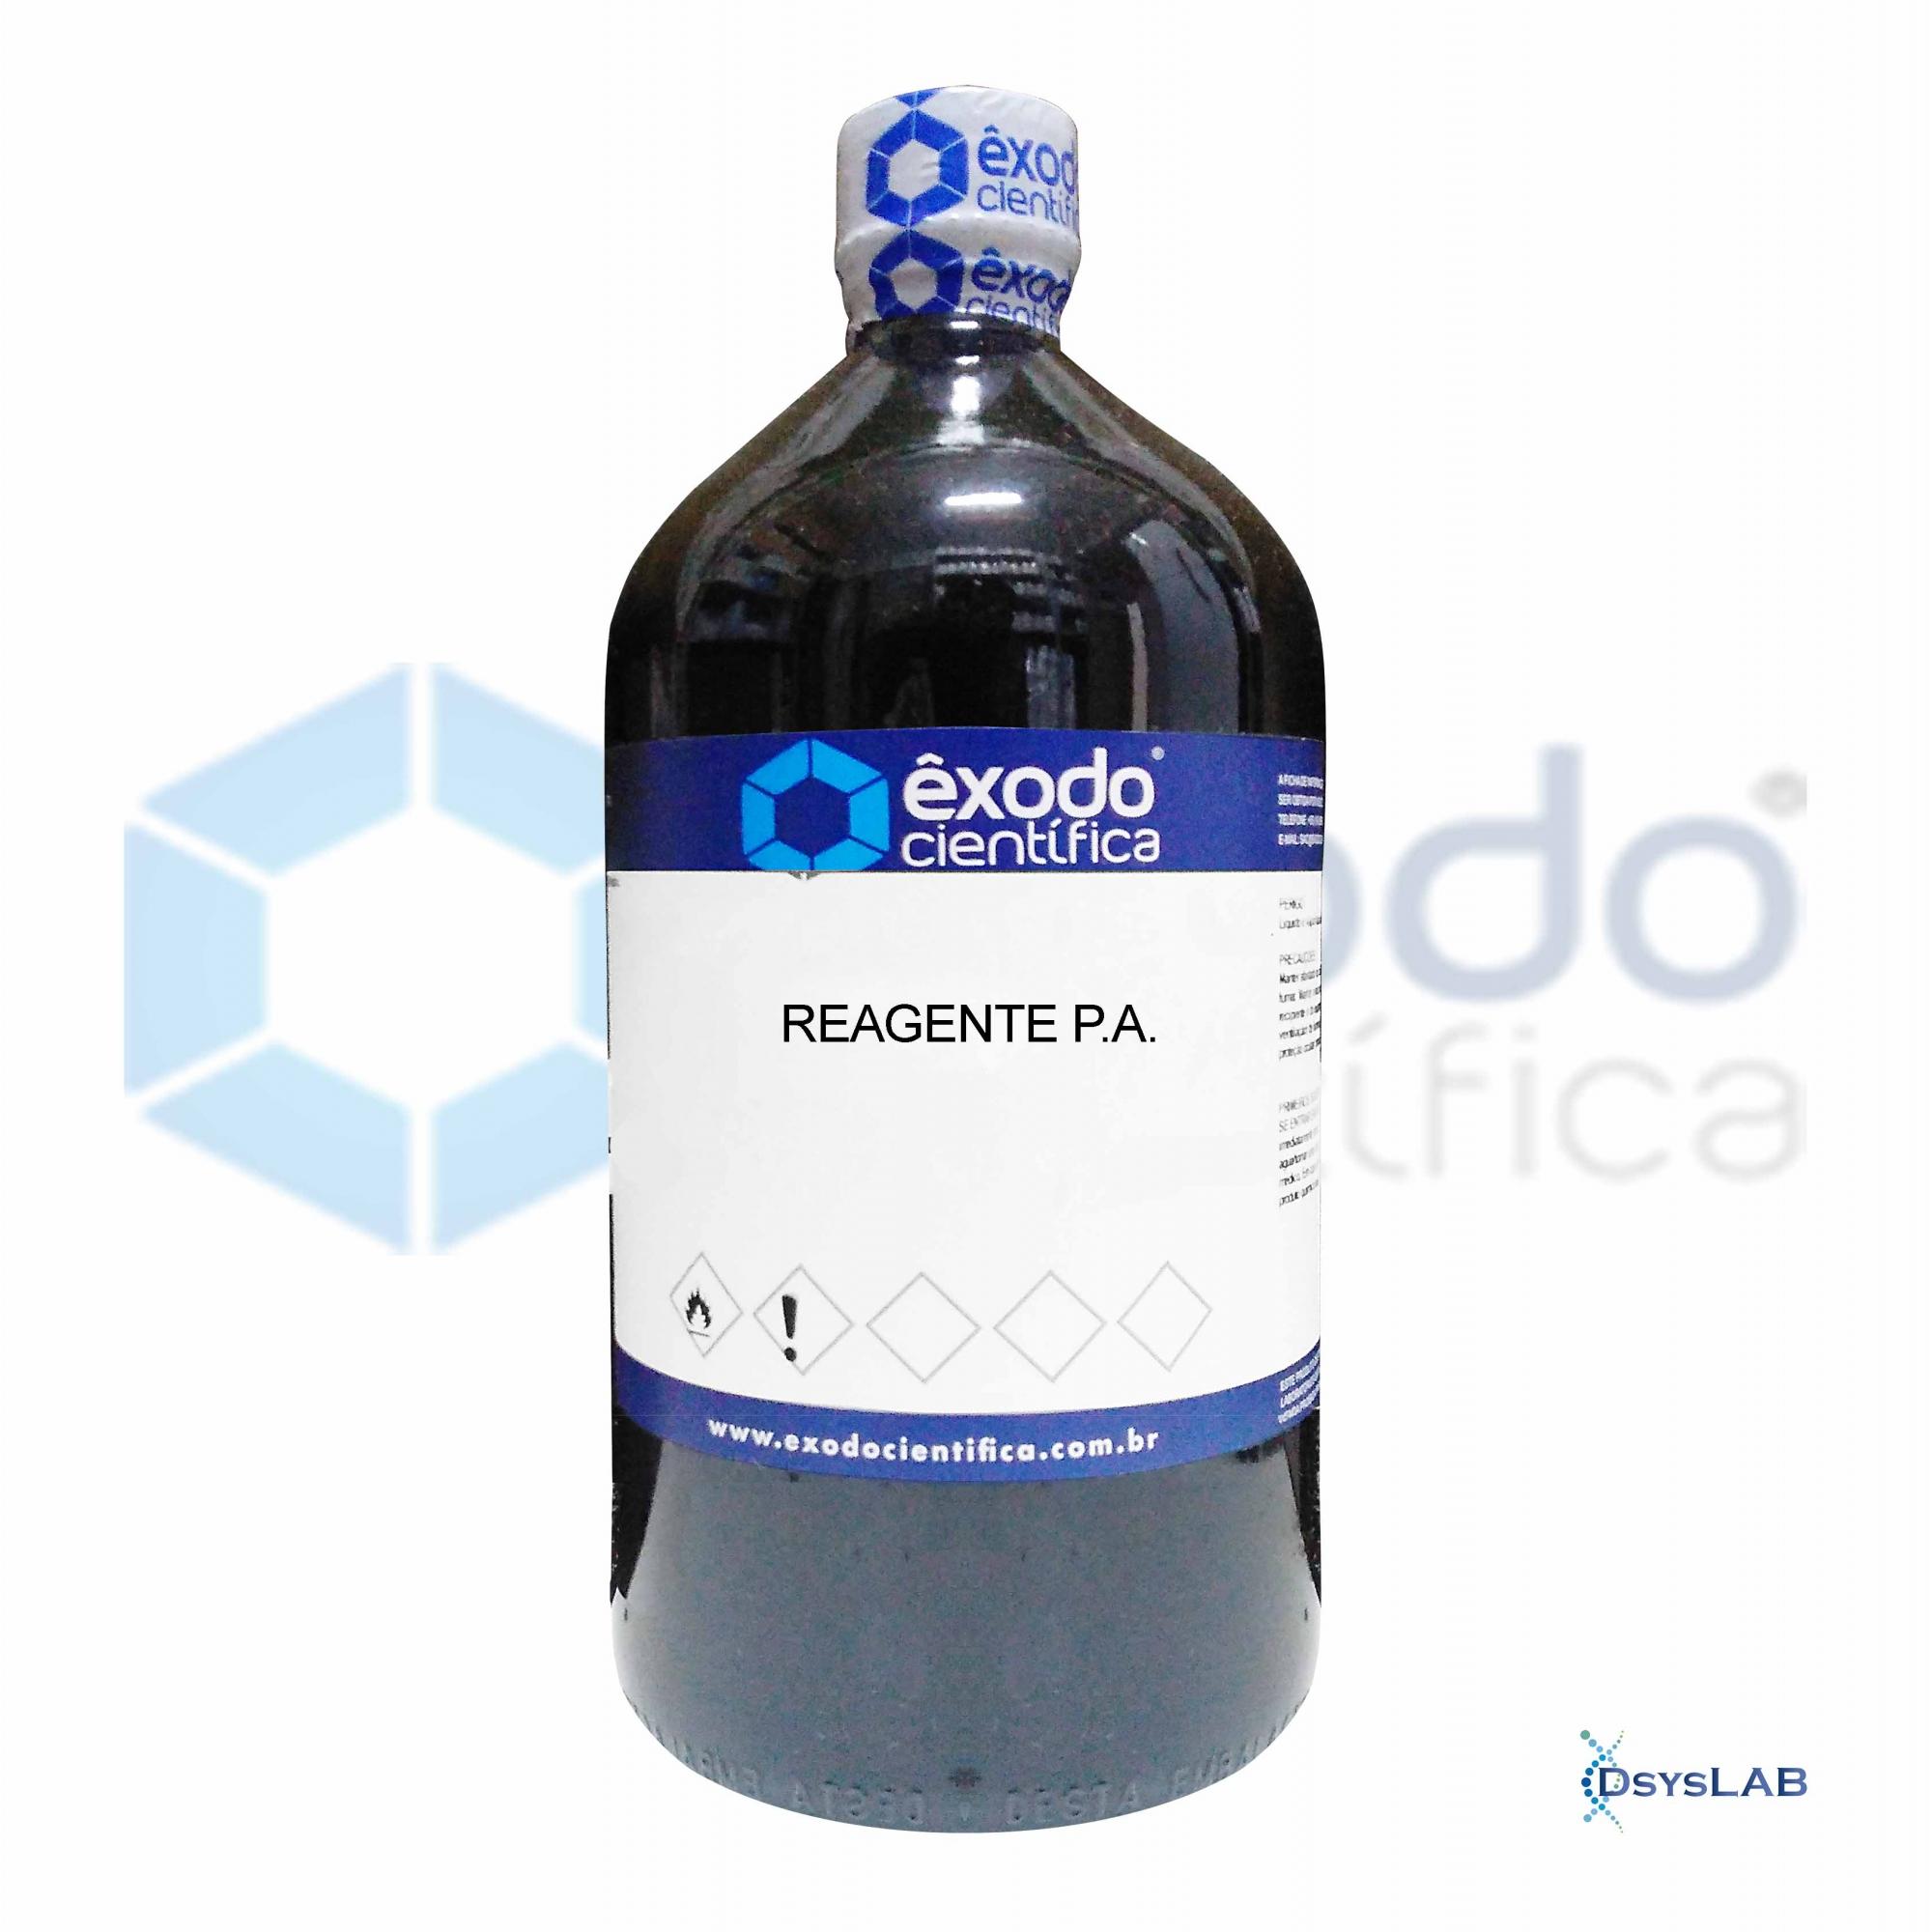 Polietilenoglicol 400 CAS 25322-68-3 EXÔDO